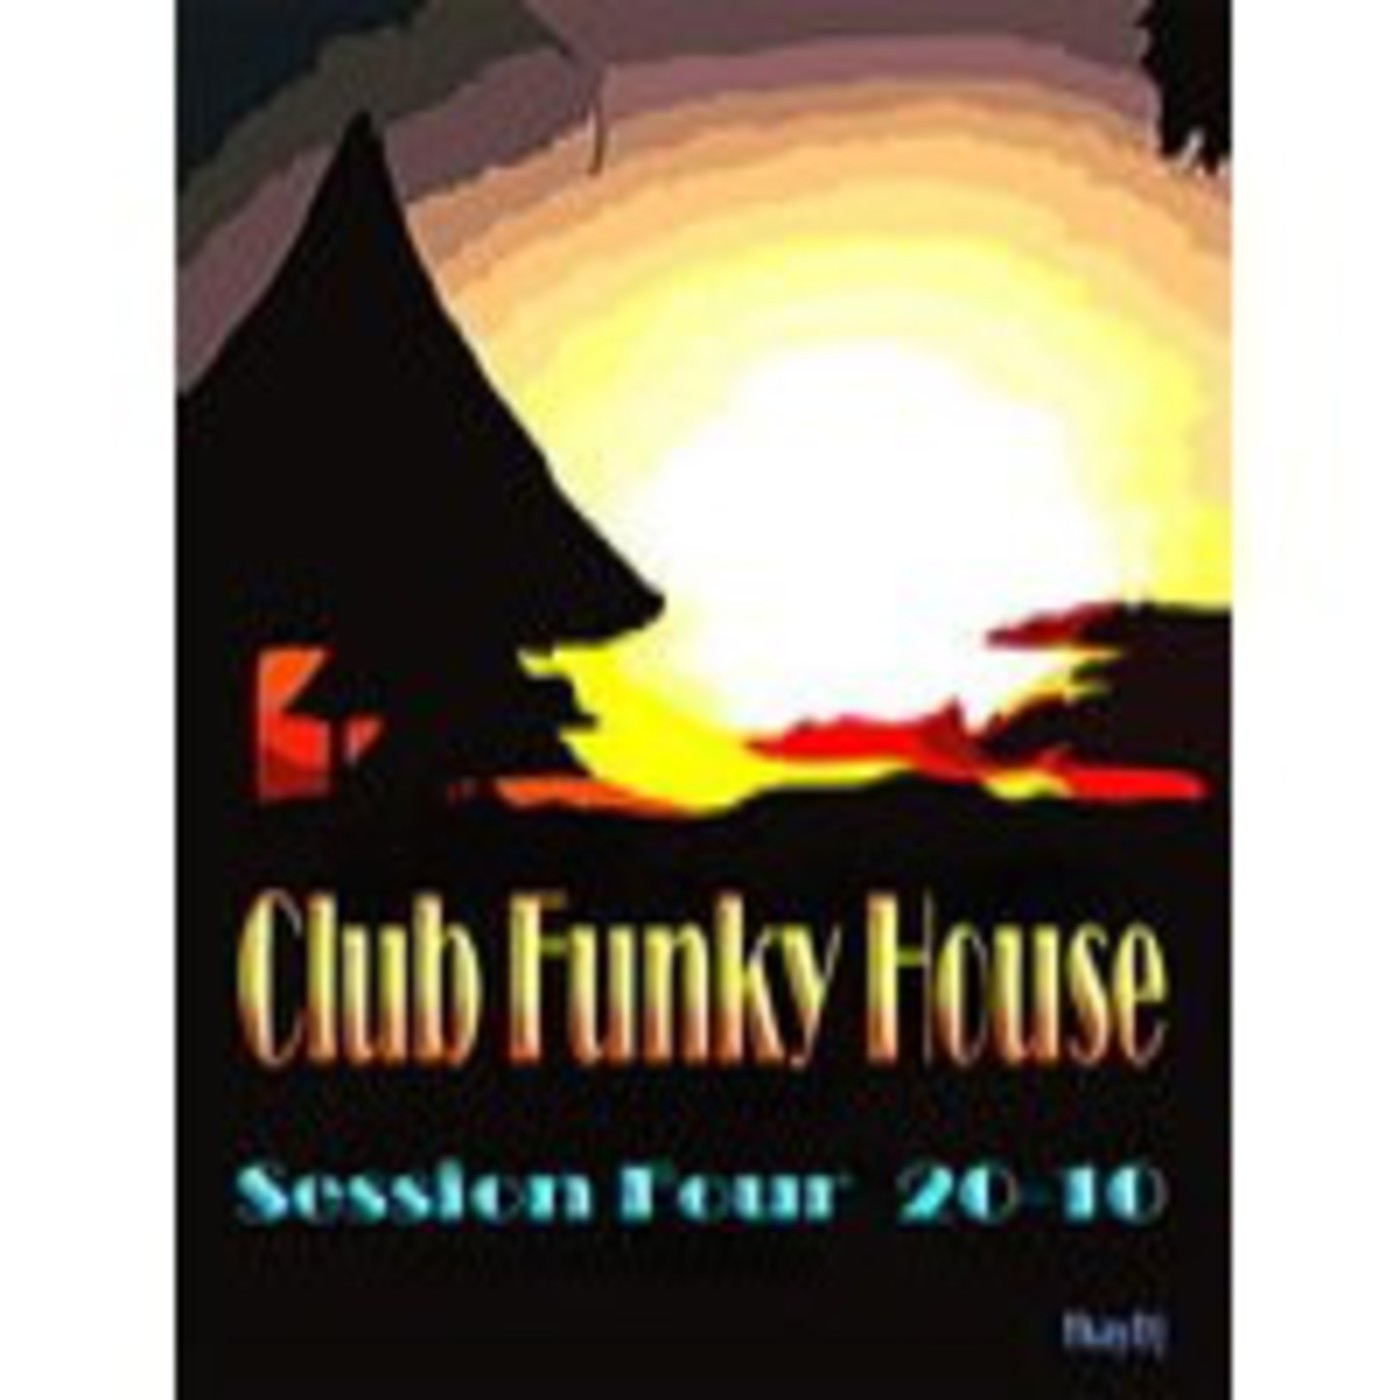 Club Funky House- Session Four - 20-10 - TkayDj